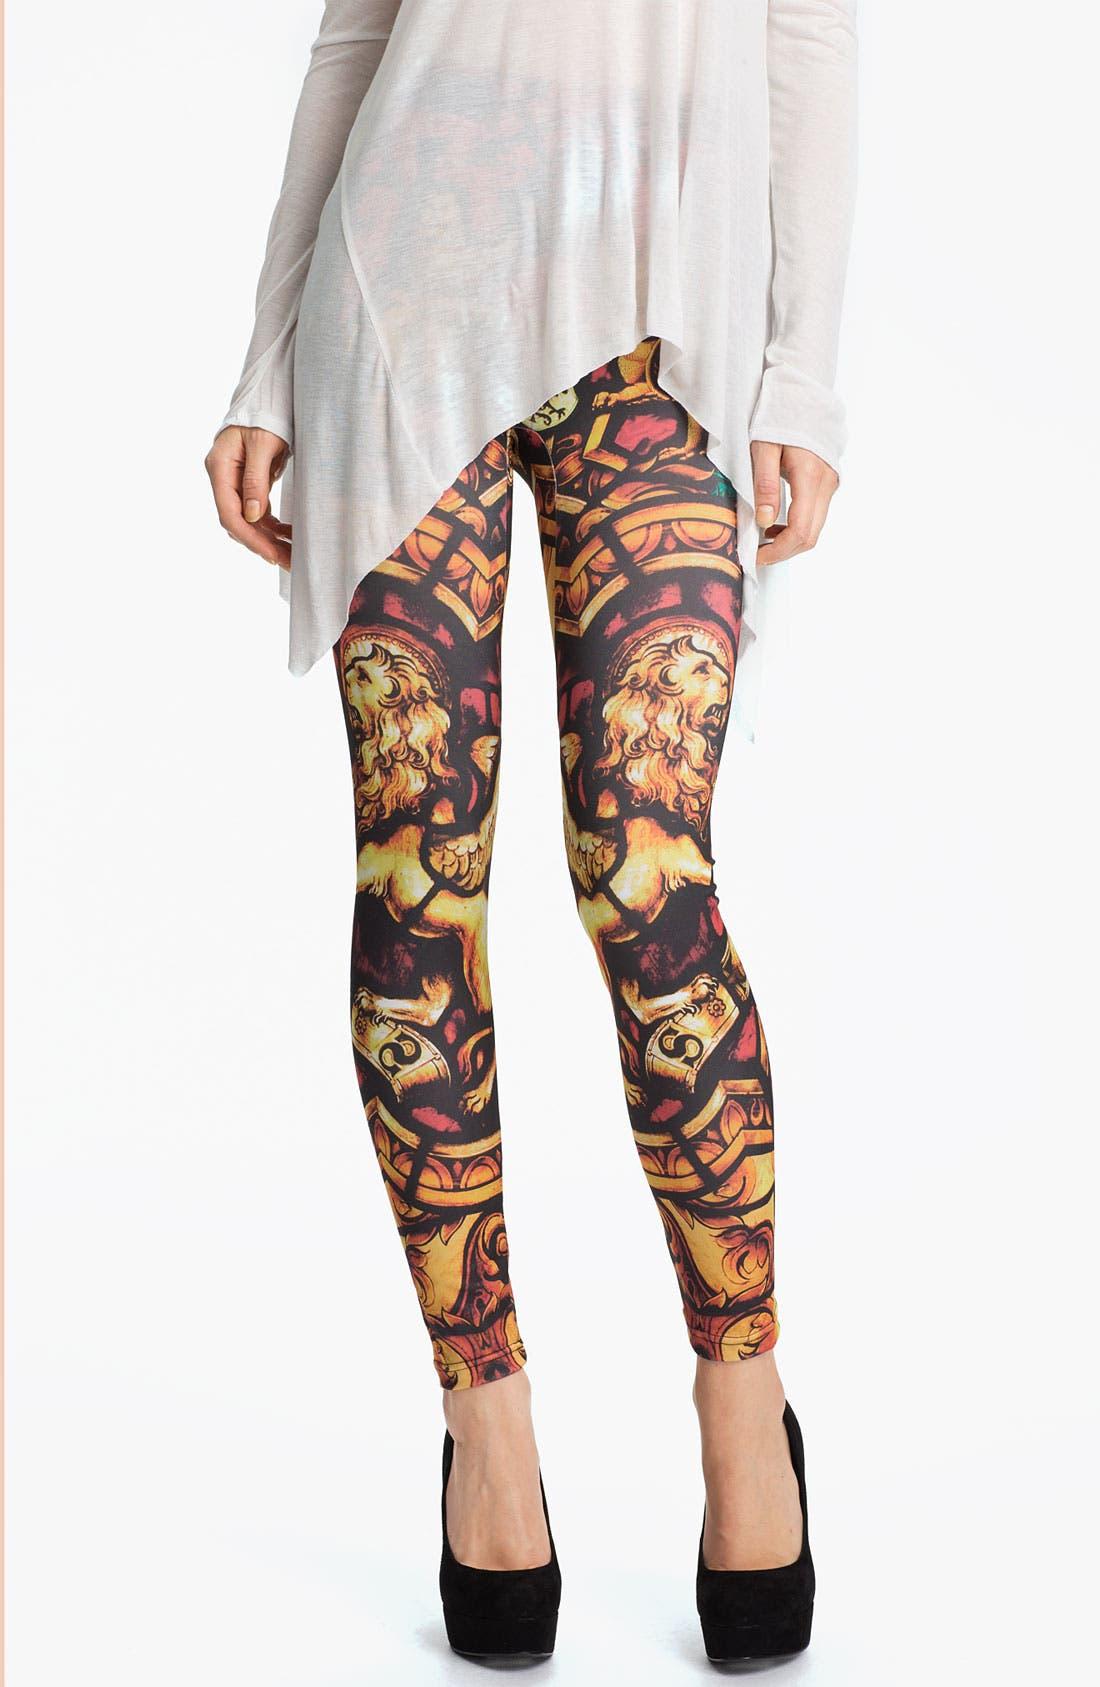 Alternate Image 1 Selected - Hot Sox 'Lion' Print Leggings